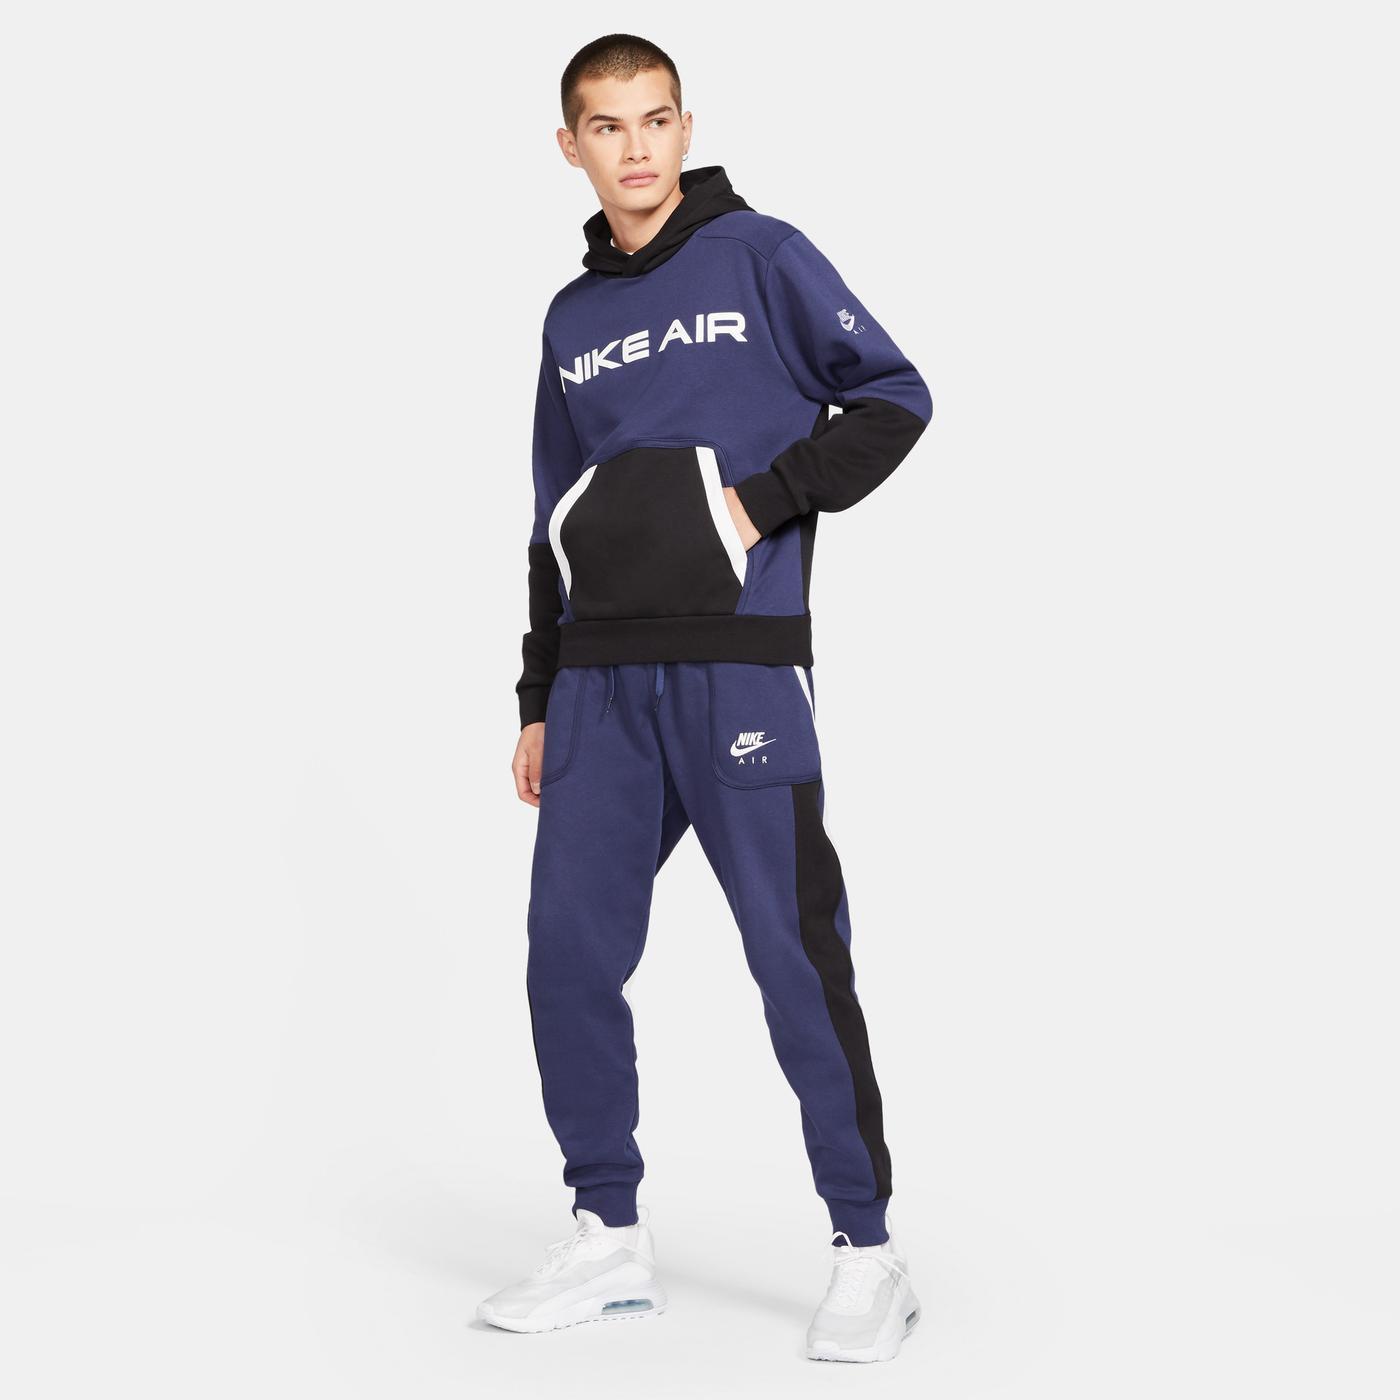 Nike Air Erkek Mavi Sweatshirt